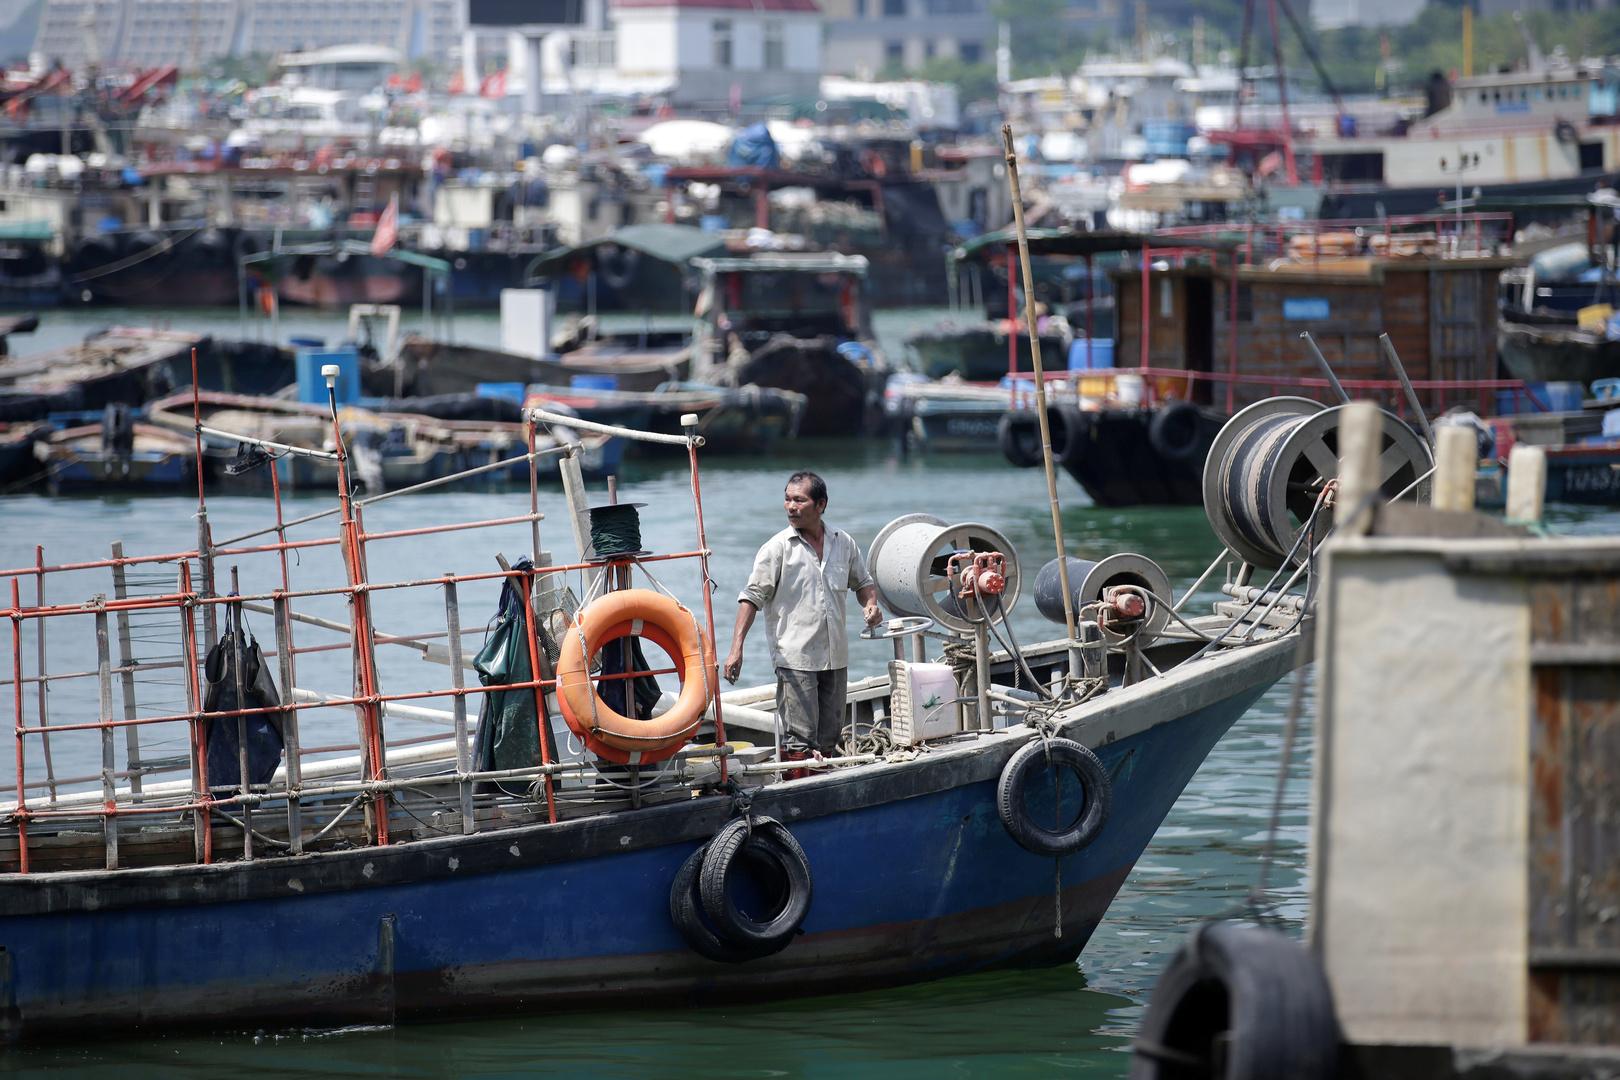 الحكومة الفلبينية تعرب عن قلقها من 220 سفينة صيد صينية في بحر الصين الجنوبي